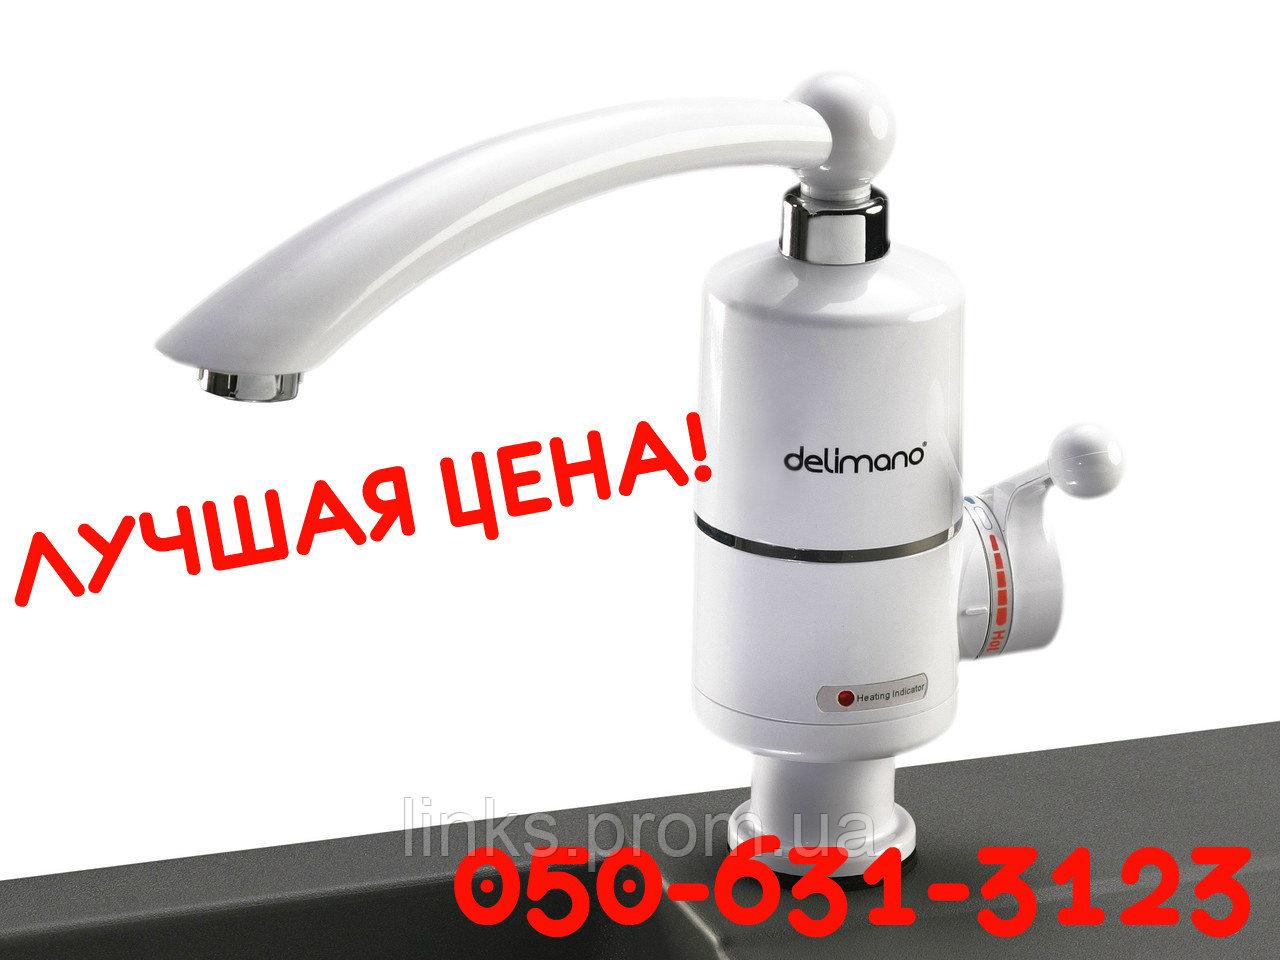 Мгновенный портативный водонагреватель торговой марки делимано (delimano) — принцип работы и отзывы пользователей